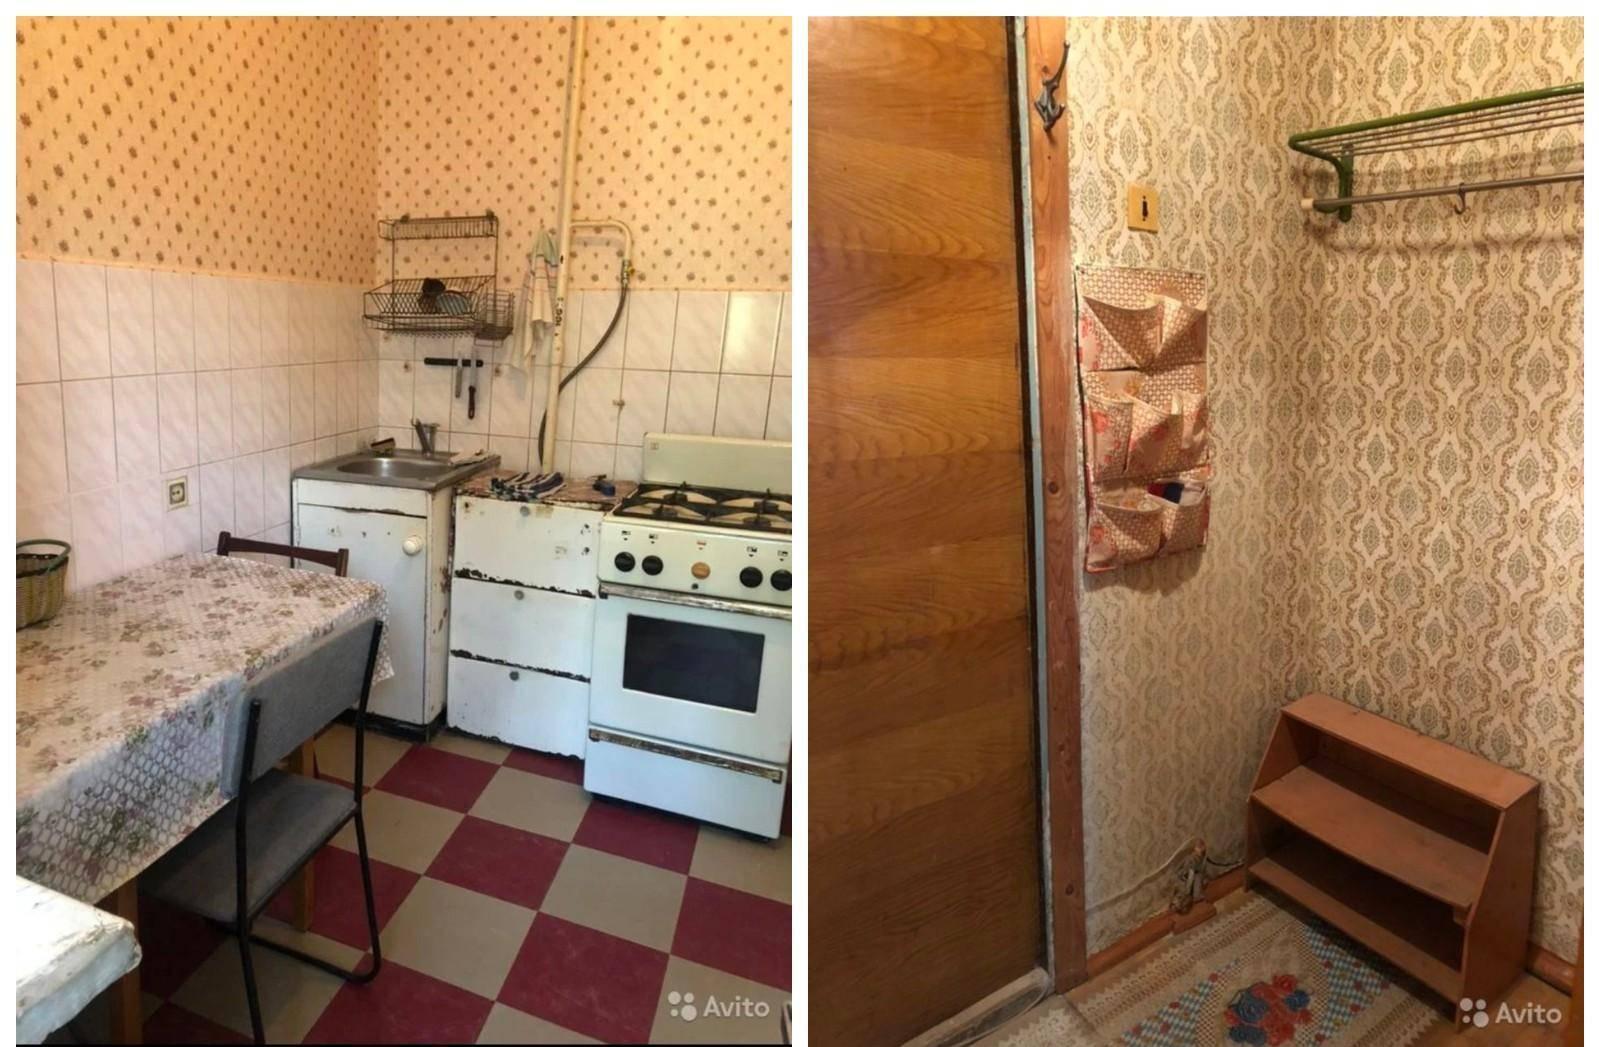 Учительница показала квартиру, которую можно снять на ее зарплату